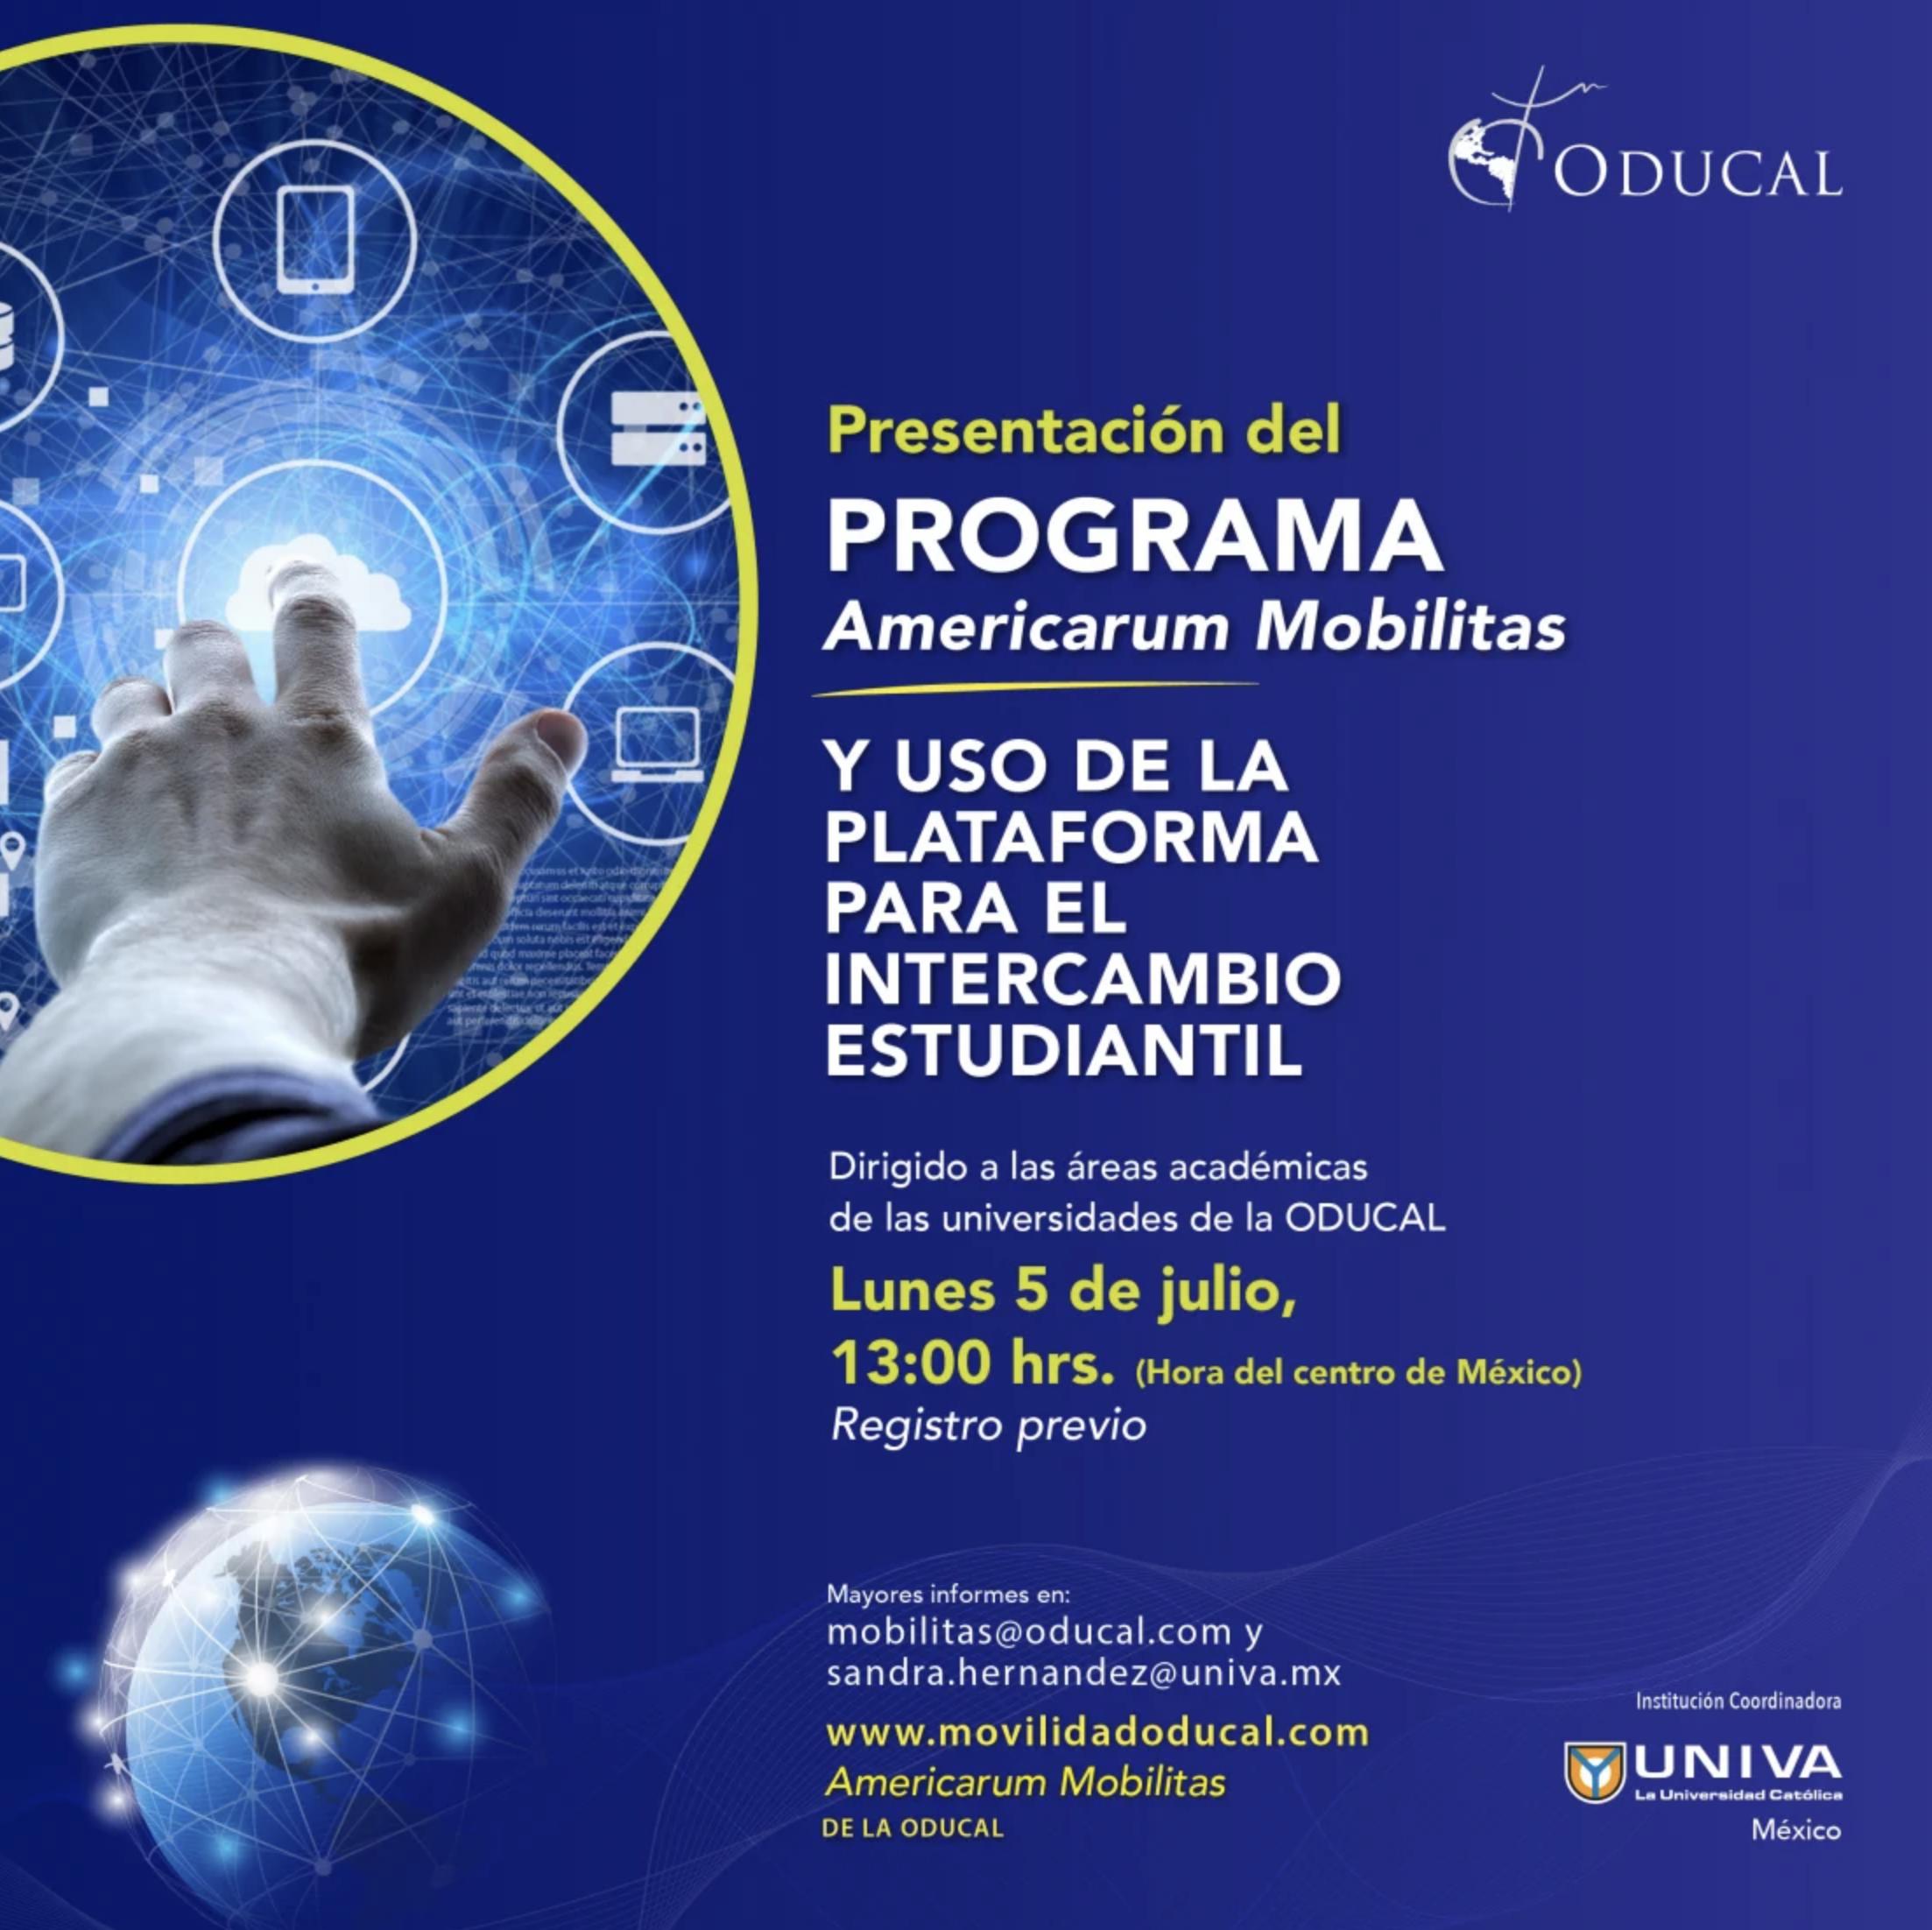 Presentación: Programa Americarum Mobilitas y Uso de la plataforma para el intercambio estudiantil